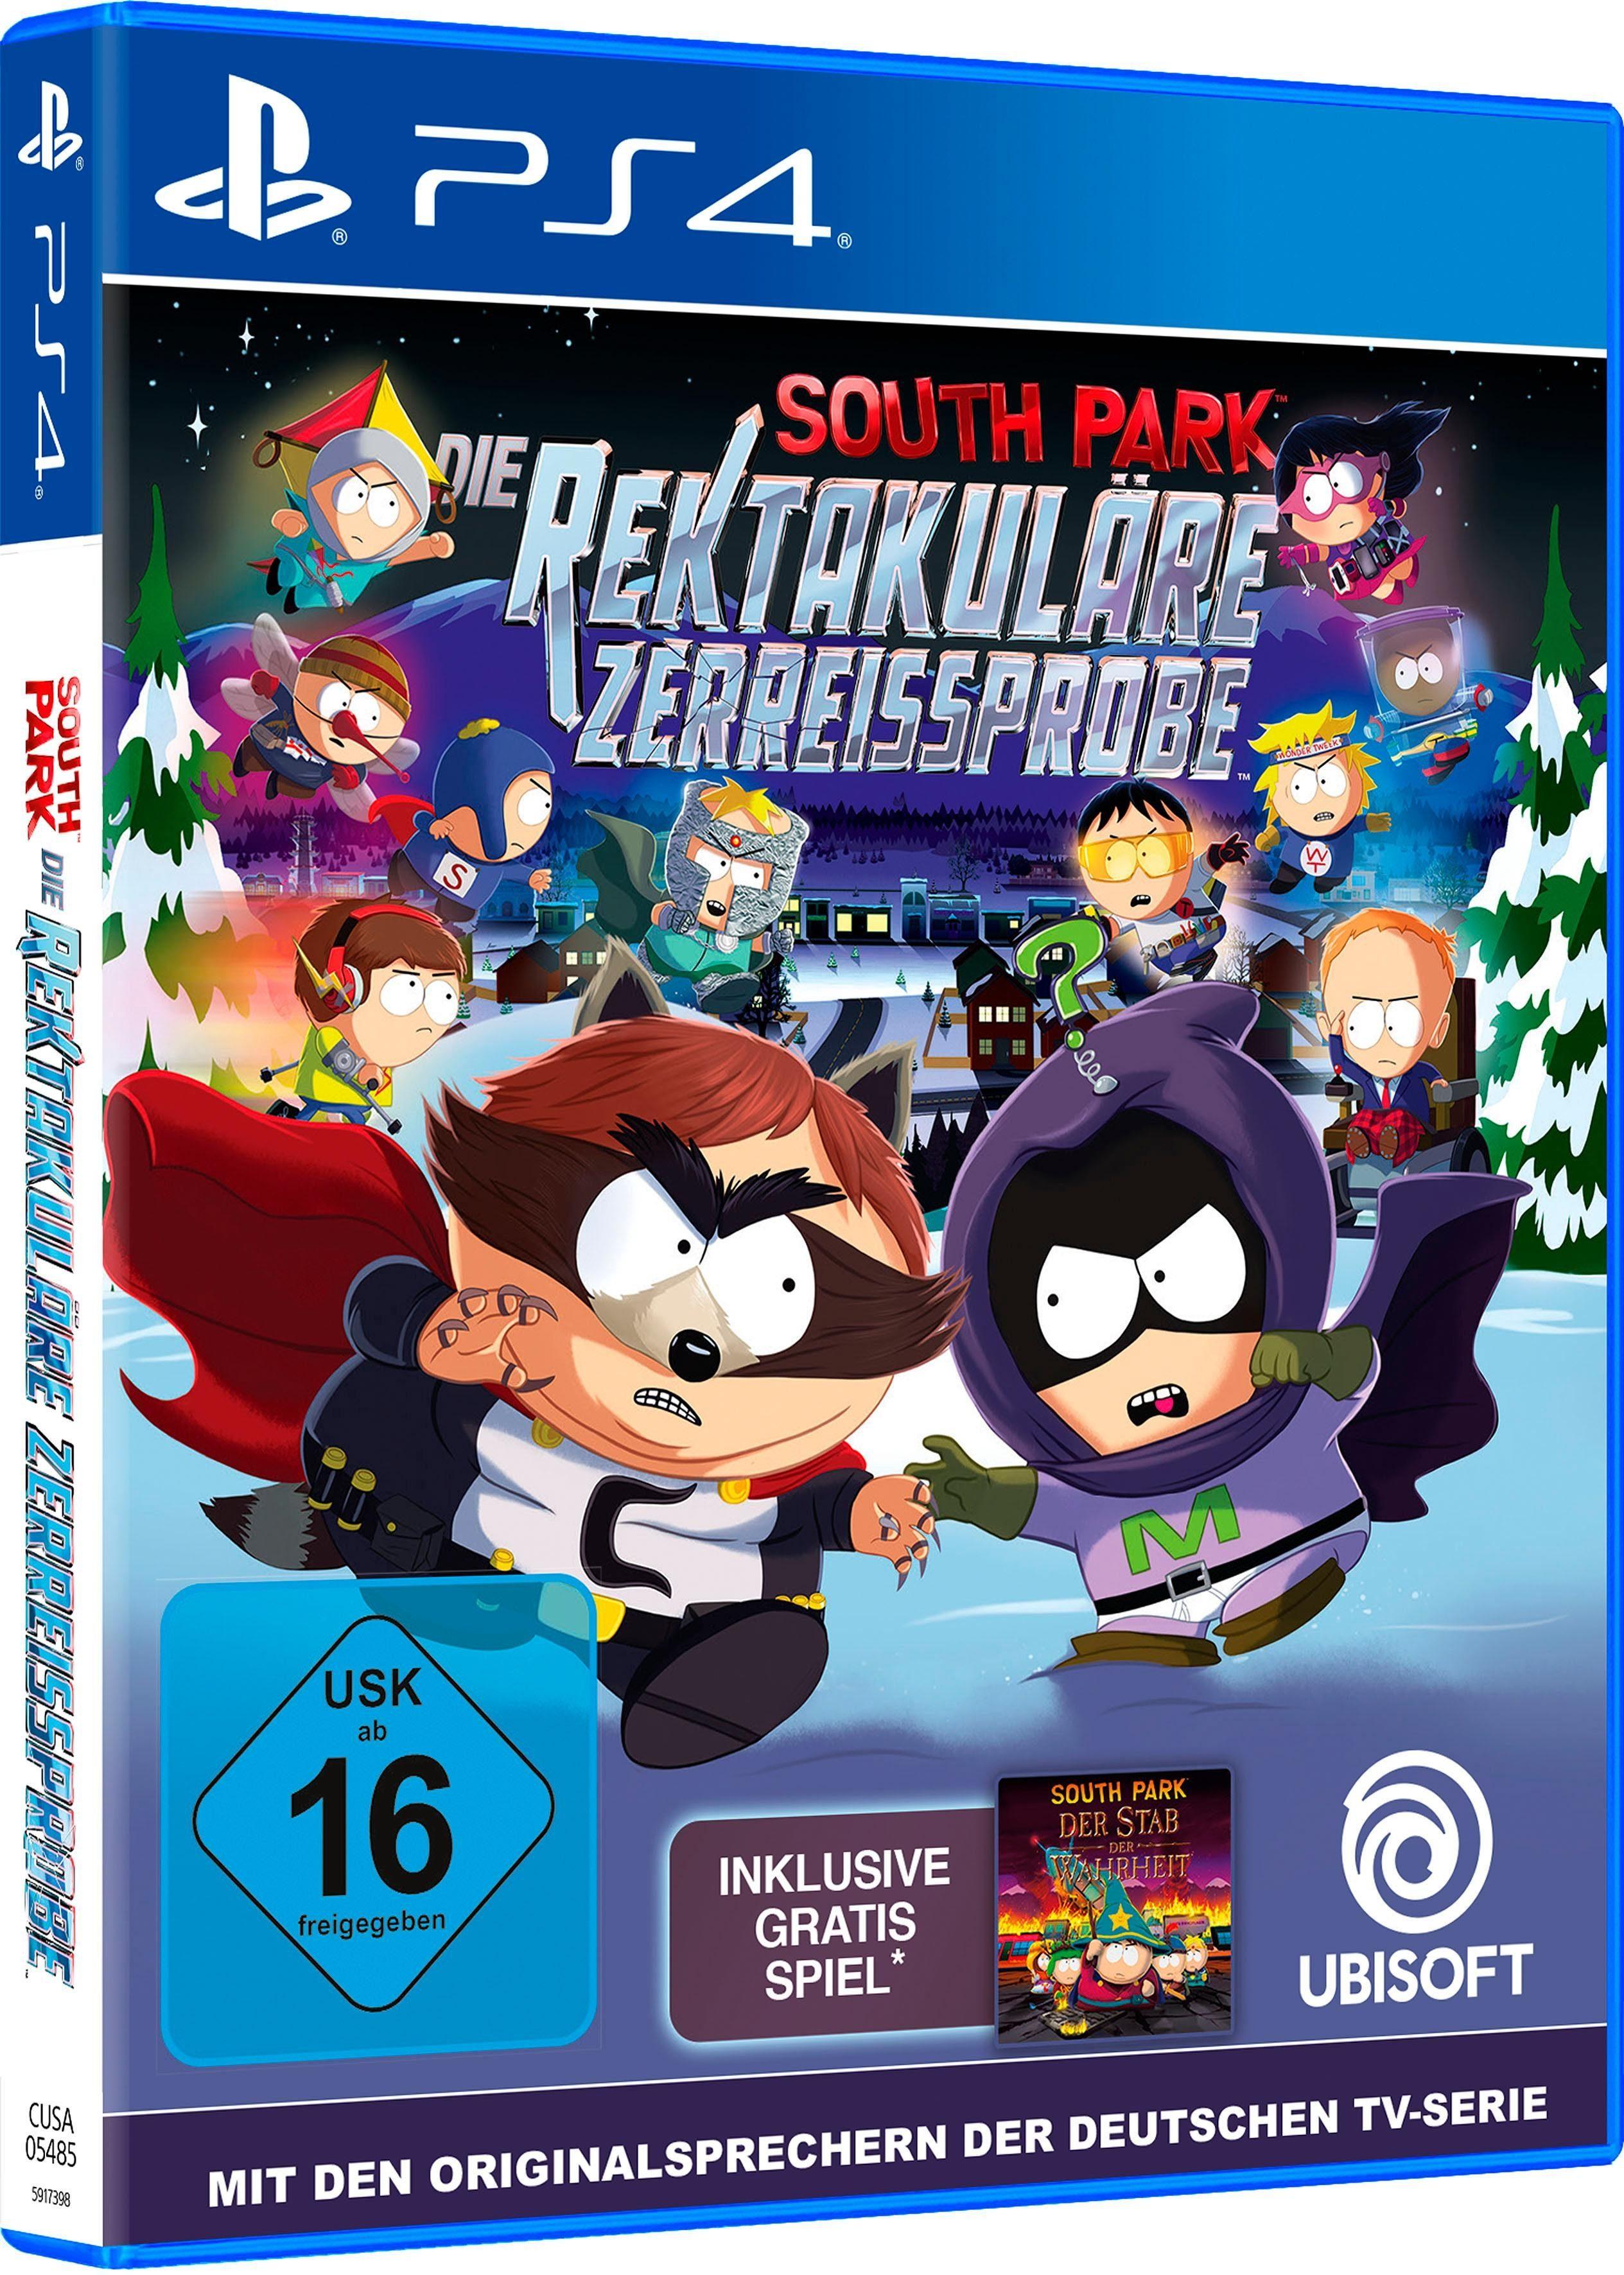 South Park - Die rektakuläre Zerreißprobe PlayStation 4